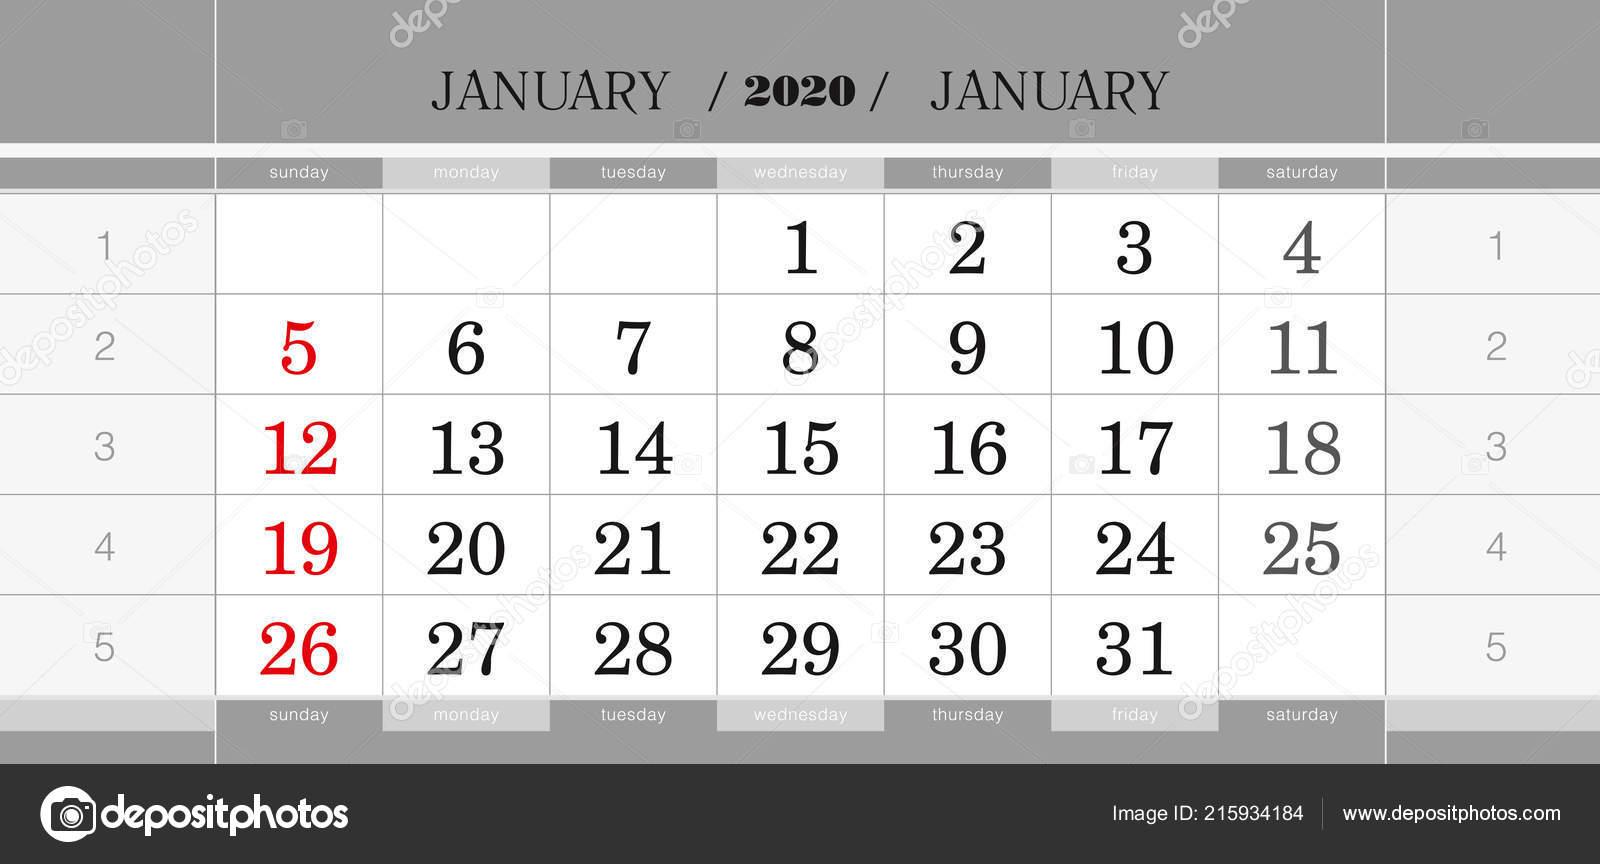 Calendario Trimestrale 2020.Gennaio 2020 Blocco Ogni Trimestre Calendario Calendario